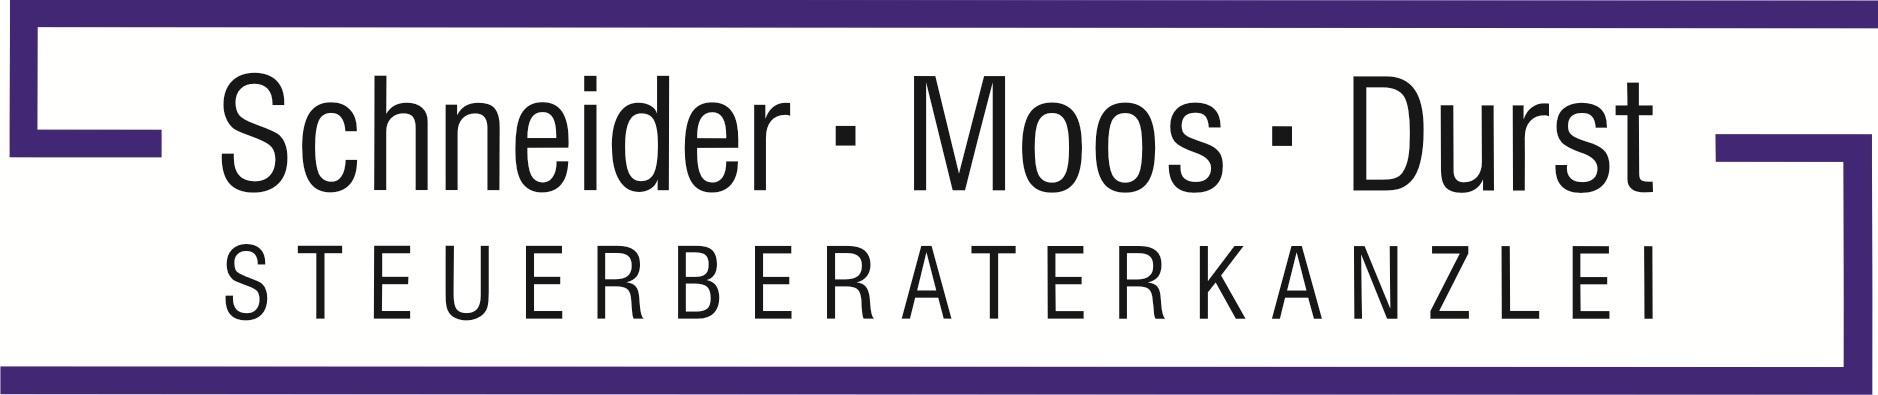 Schneider Moos